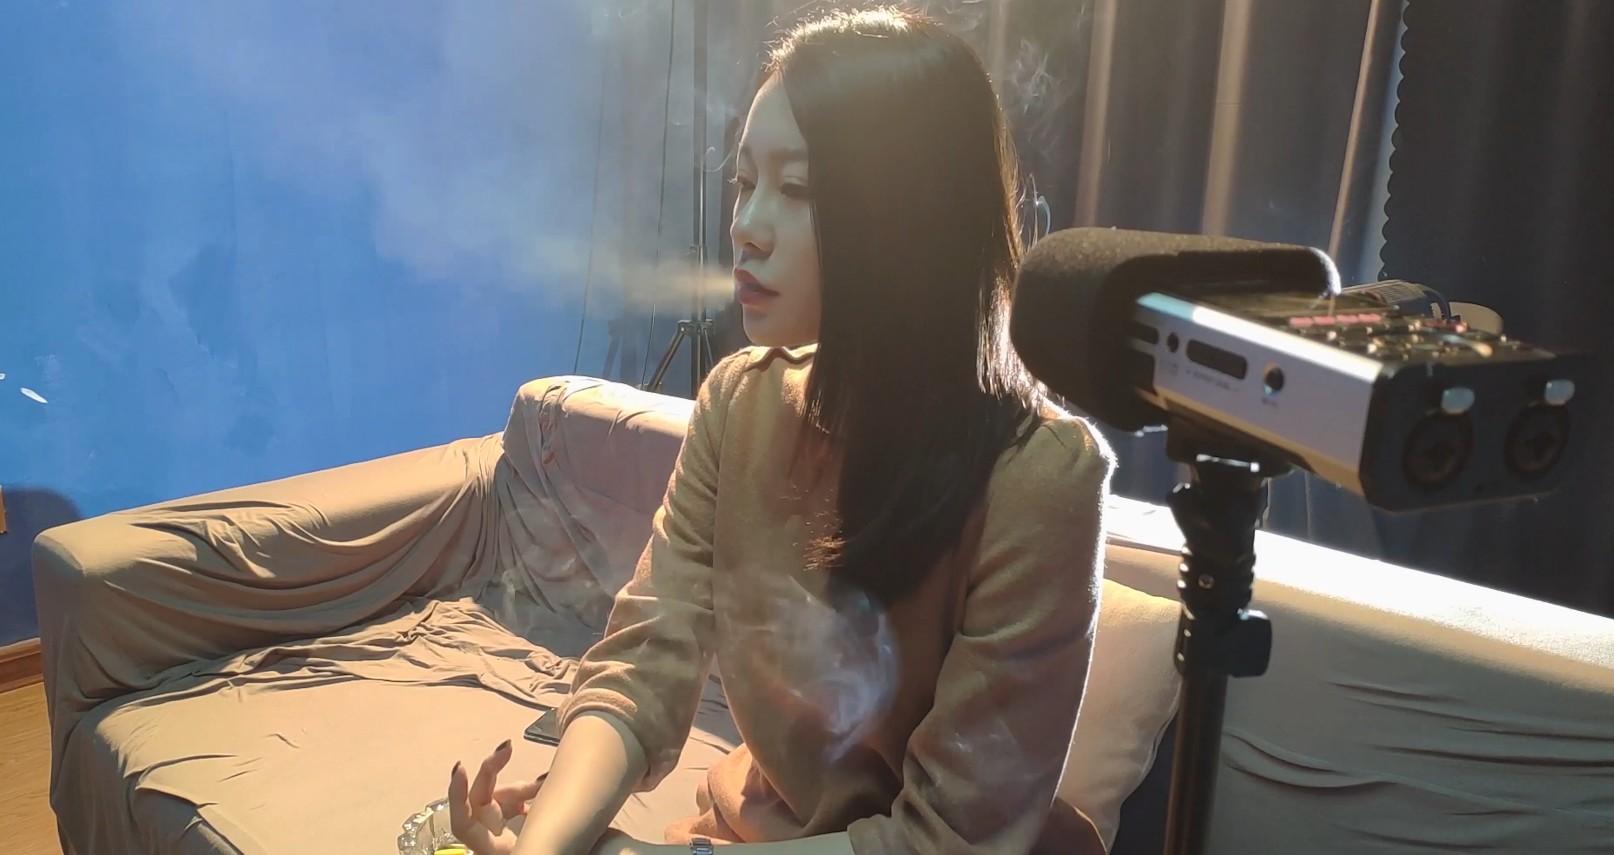 小姐姐烟民法则之一:开会久了一定要出去抽烟